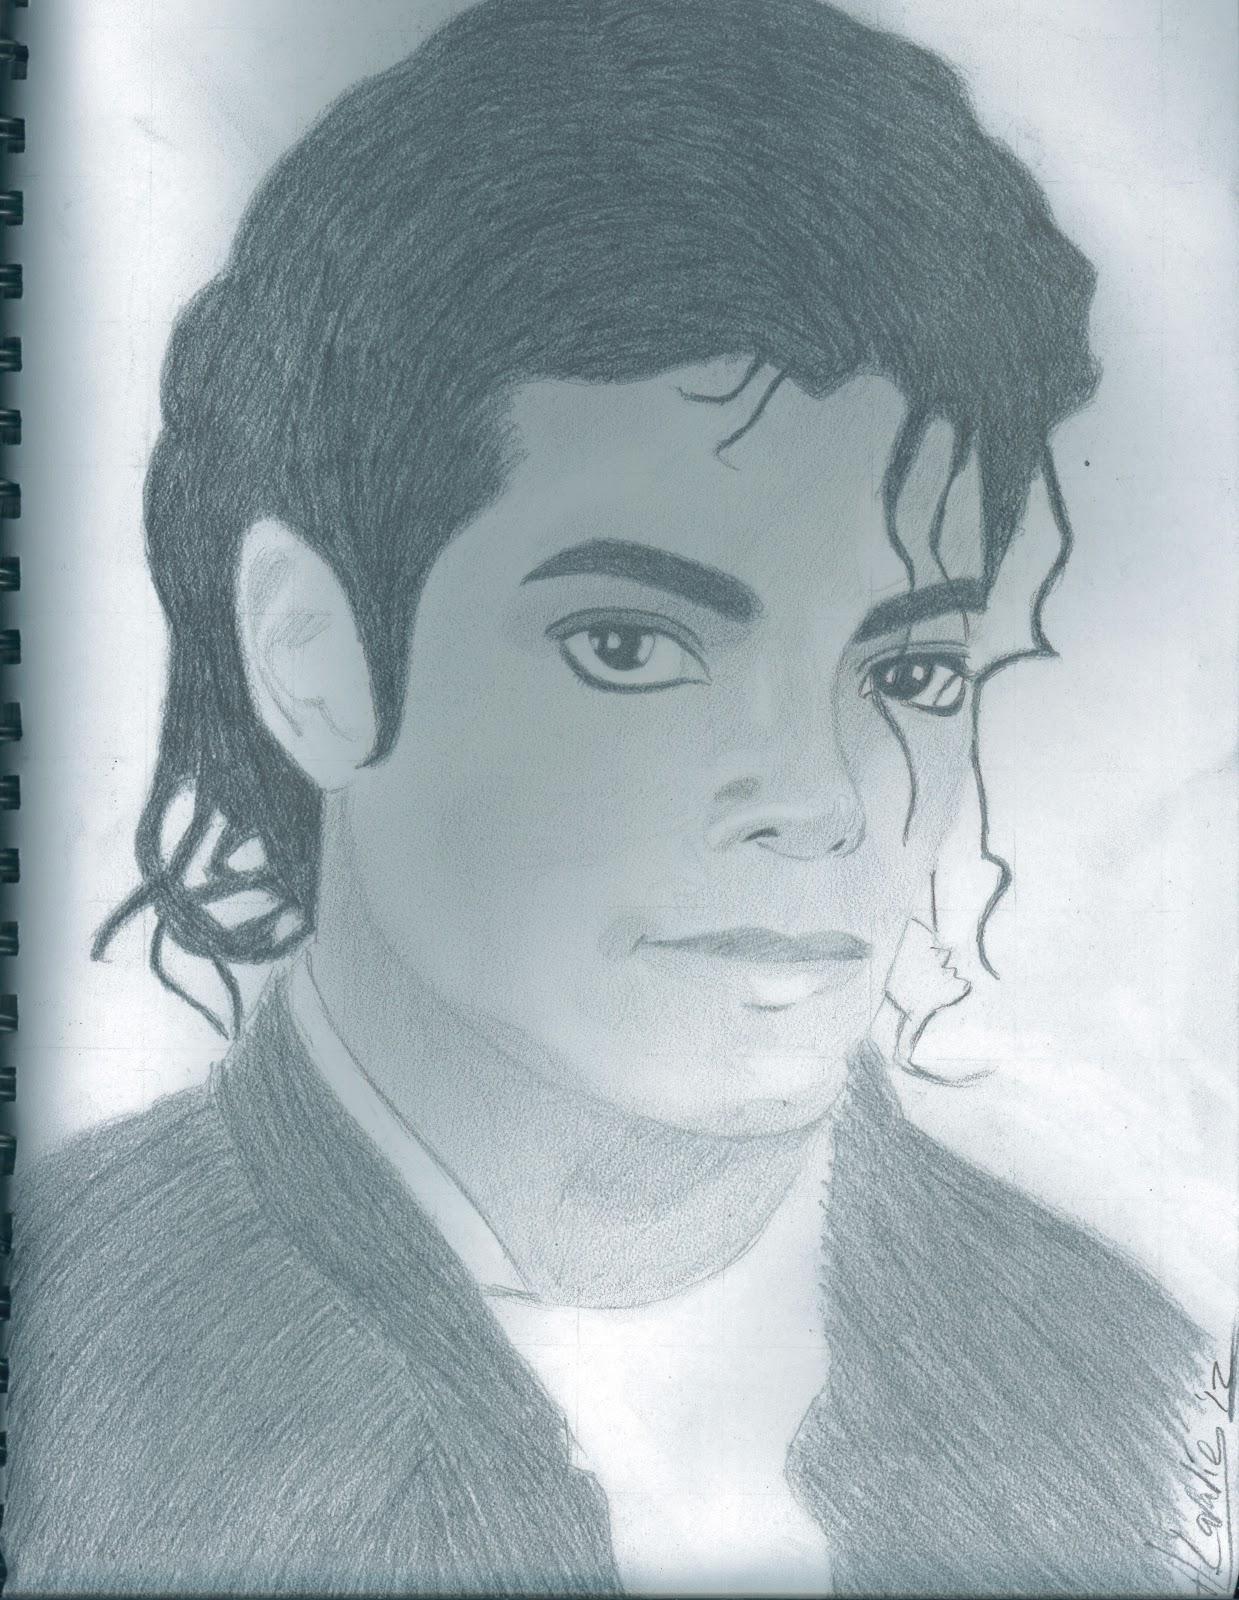 http://2.bp.blogspot.com/-tqOpK4tOLeU/T6qB6VGZfWI/AAAAAAAAABY/9FvftsLIFKs/s1600/Autumn+MJ+drawing+II.jpg